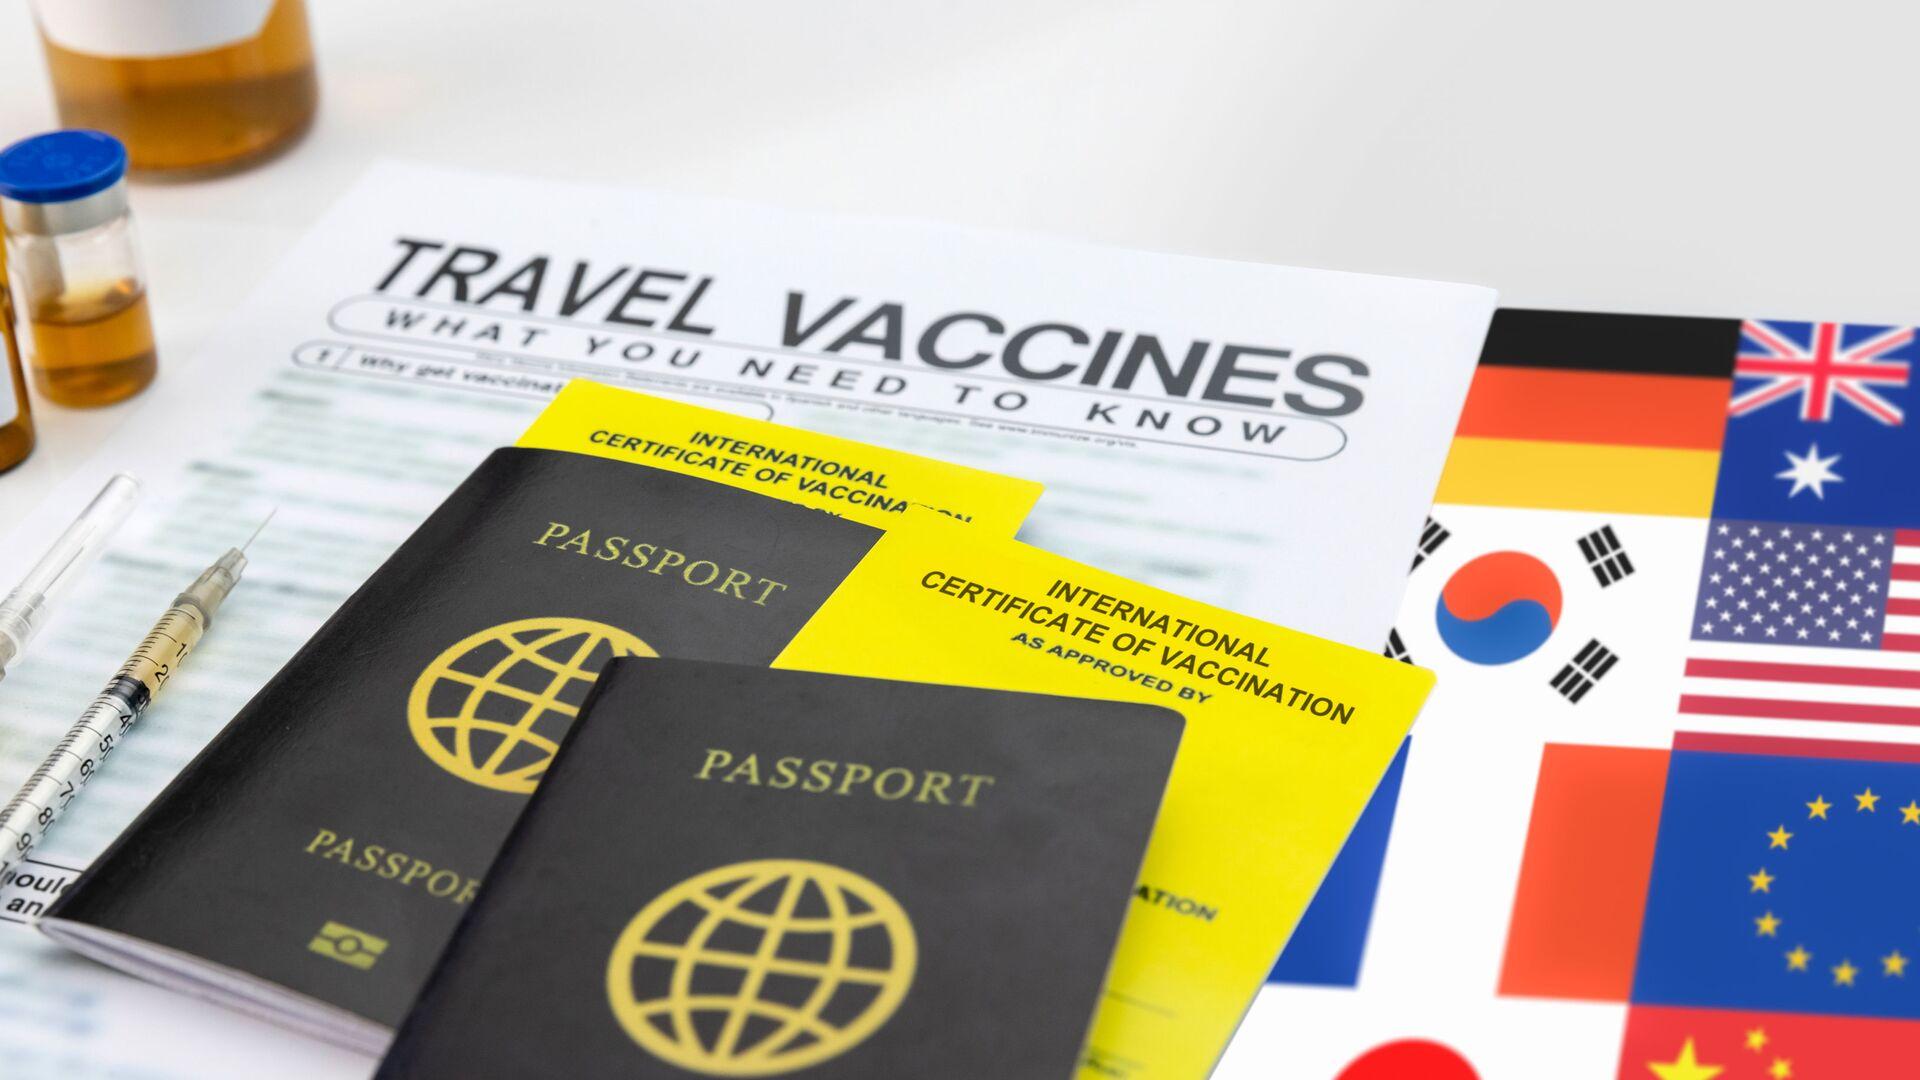 Očkovací pasy pro mezinárodní cestování - Sputnik Česká republika, 1920, 01.07.2021